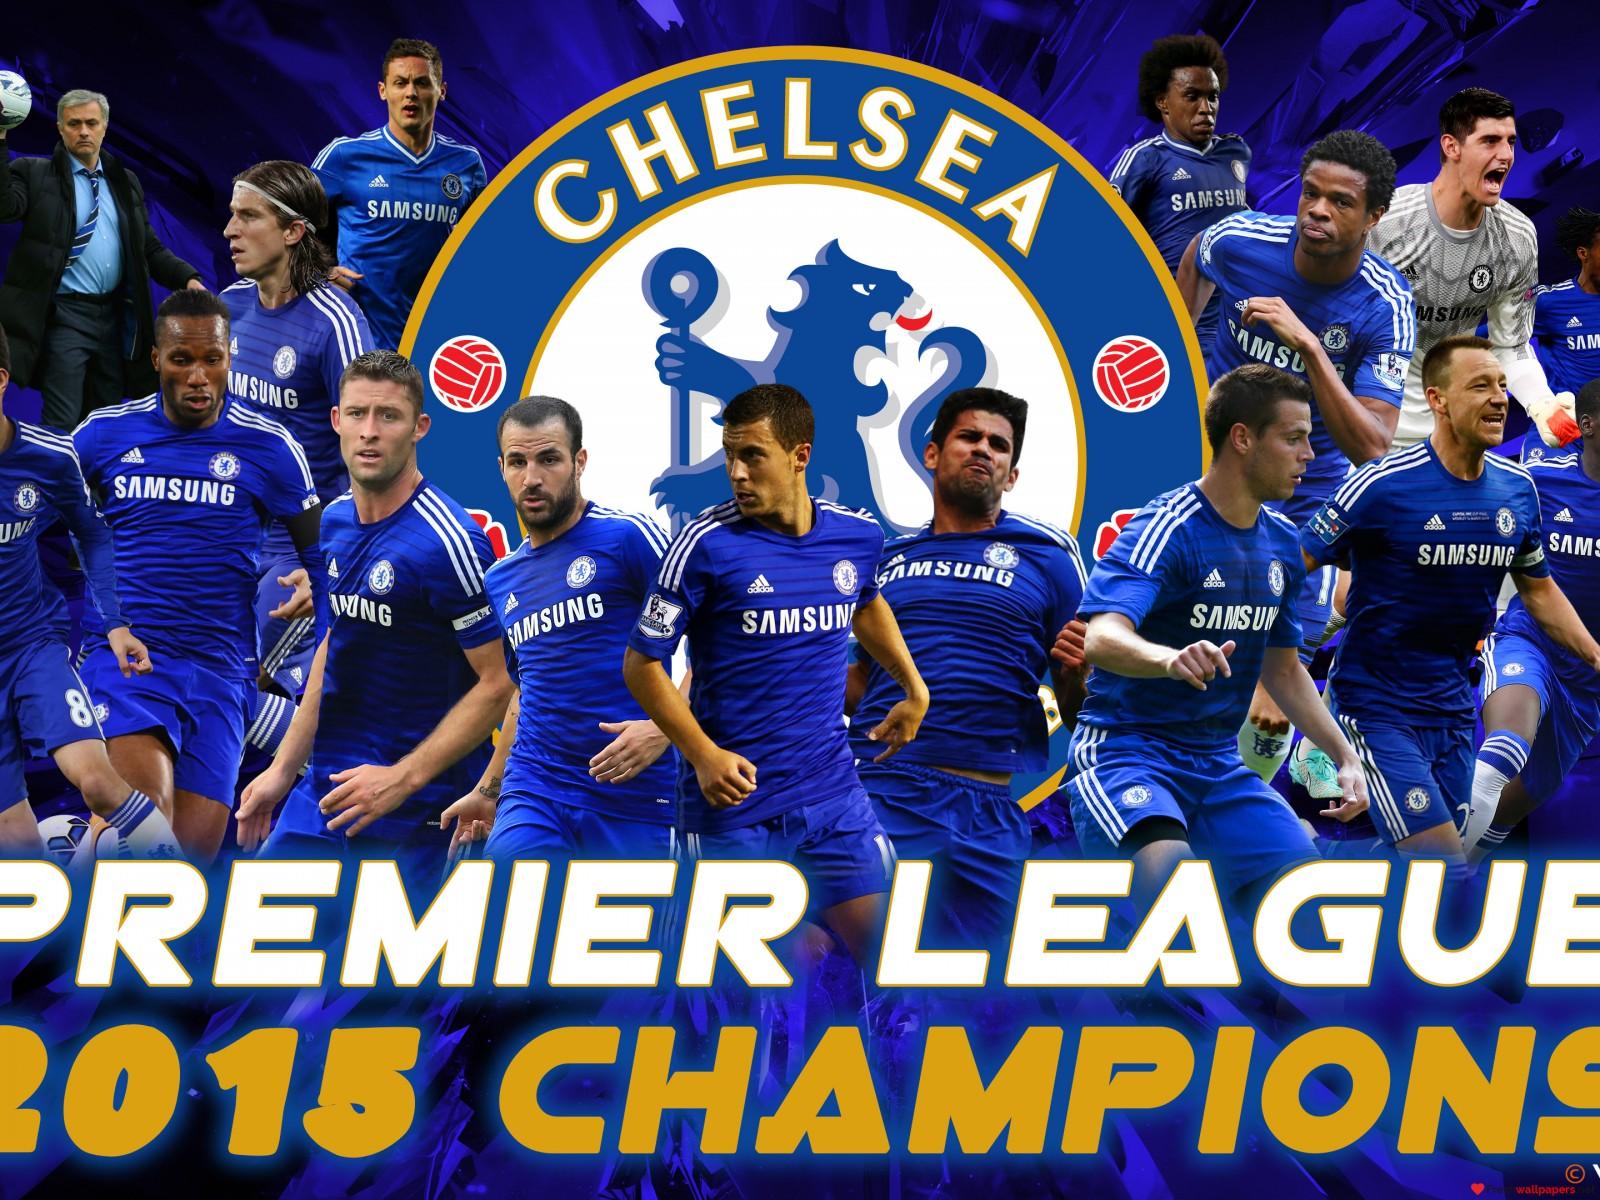 49+ Chelsea Fc 2015 Wallpaper on WallpaperSafari